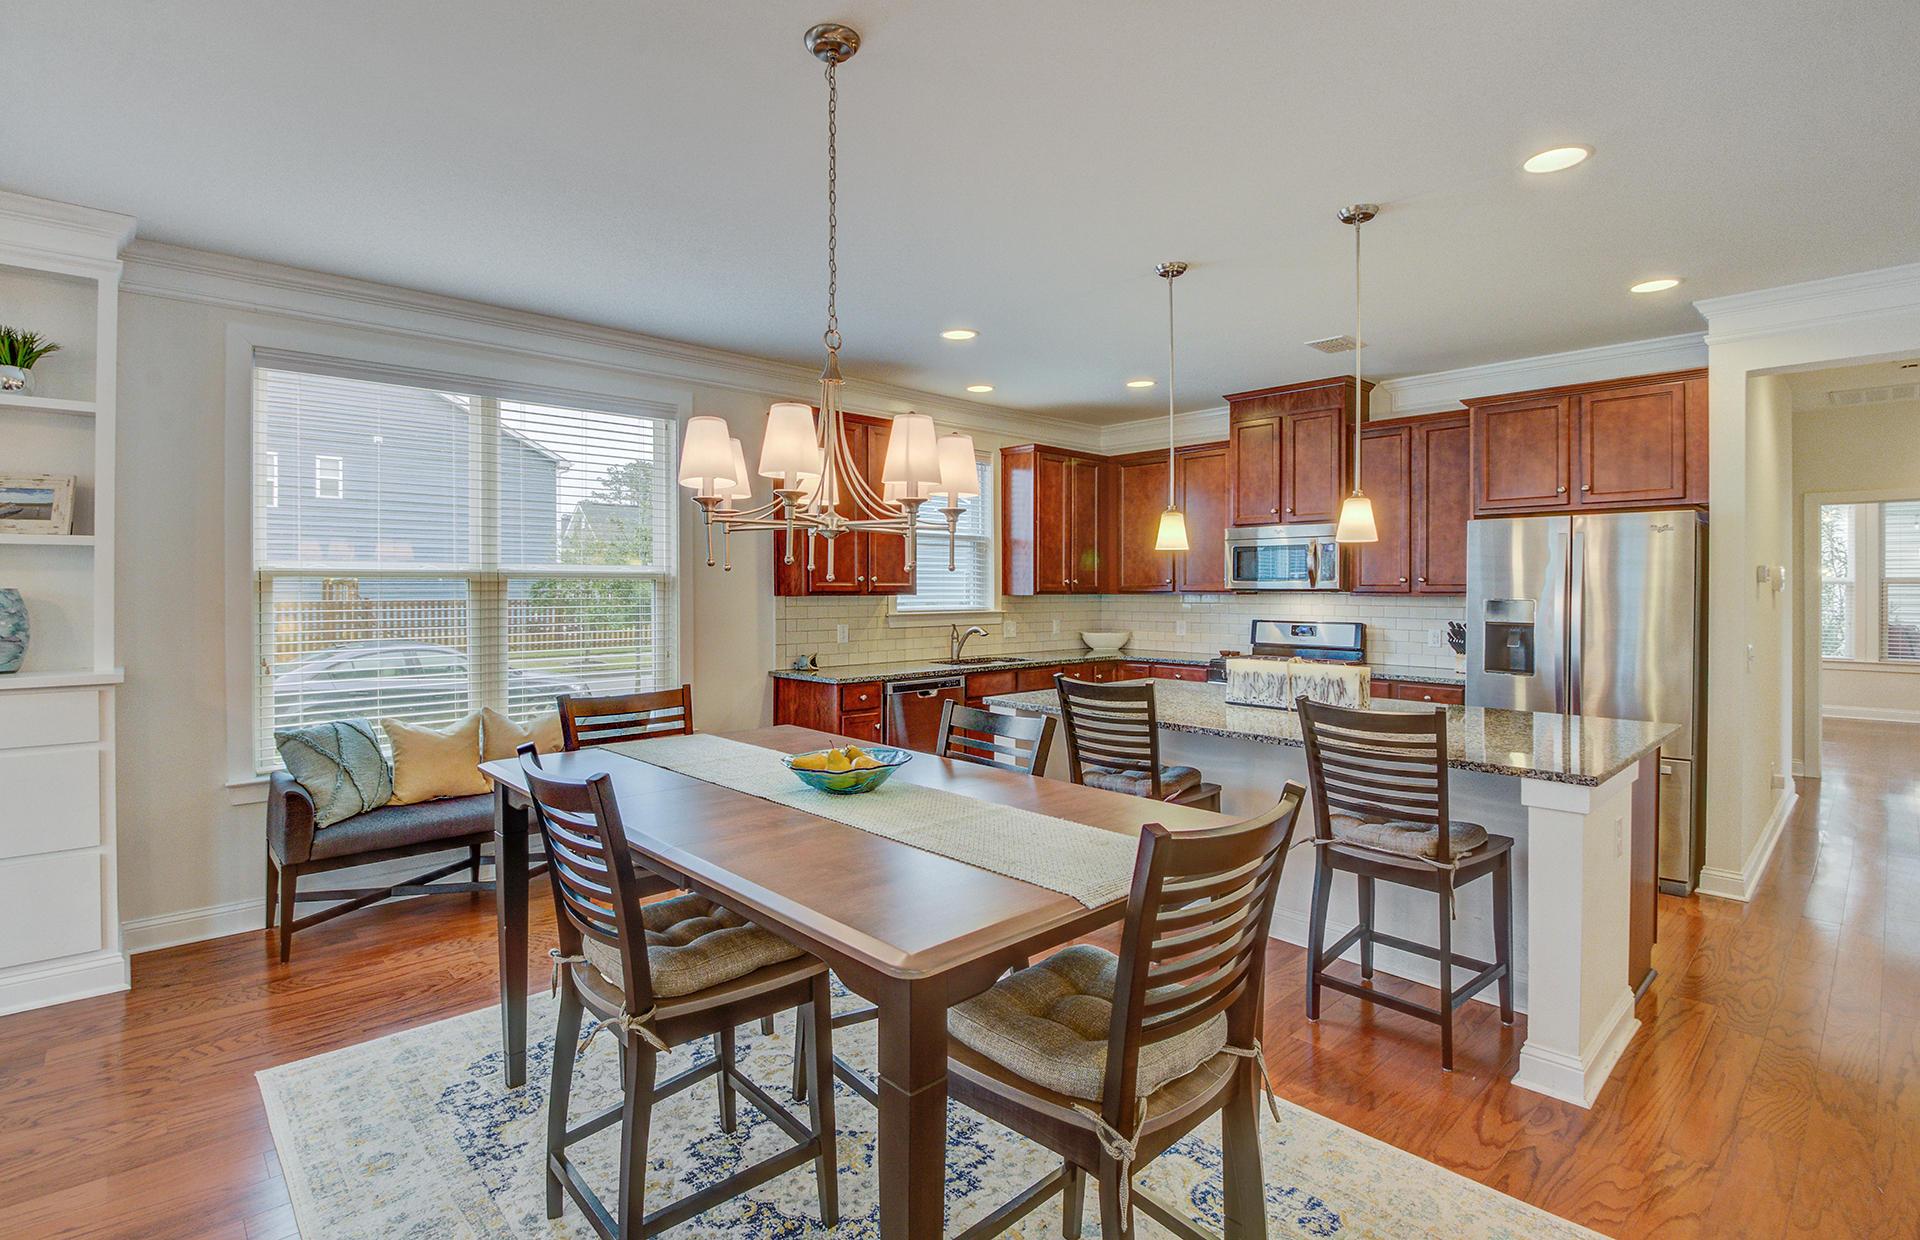 Boltons Landing Homes For Sale - 3143 Moonlight, Charleston, SC - 29